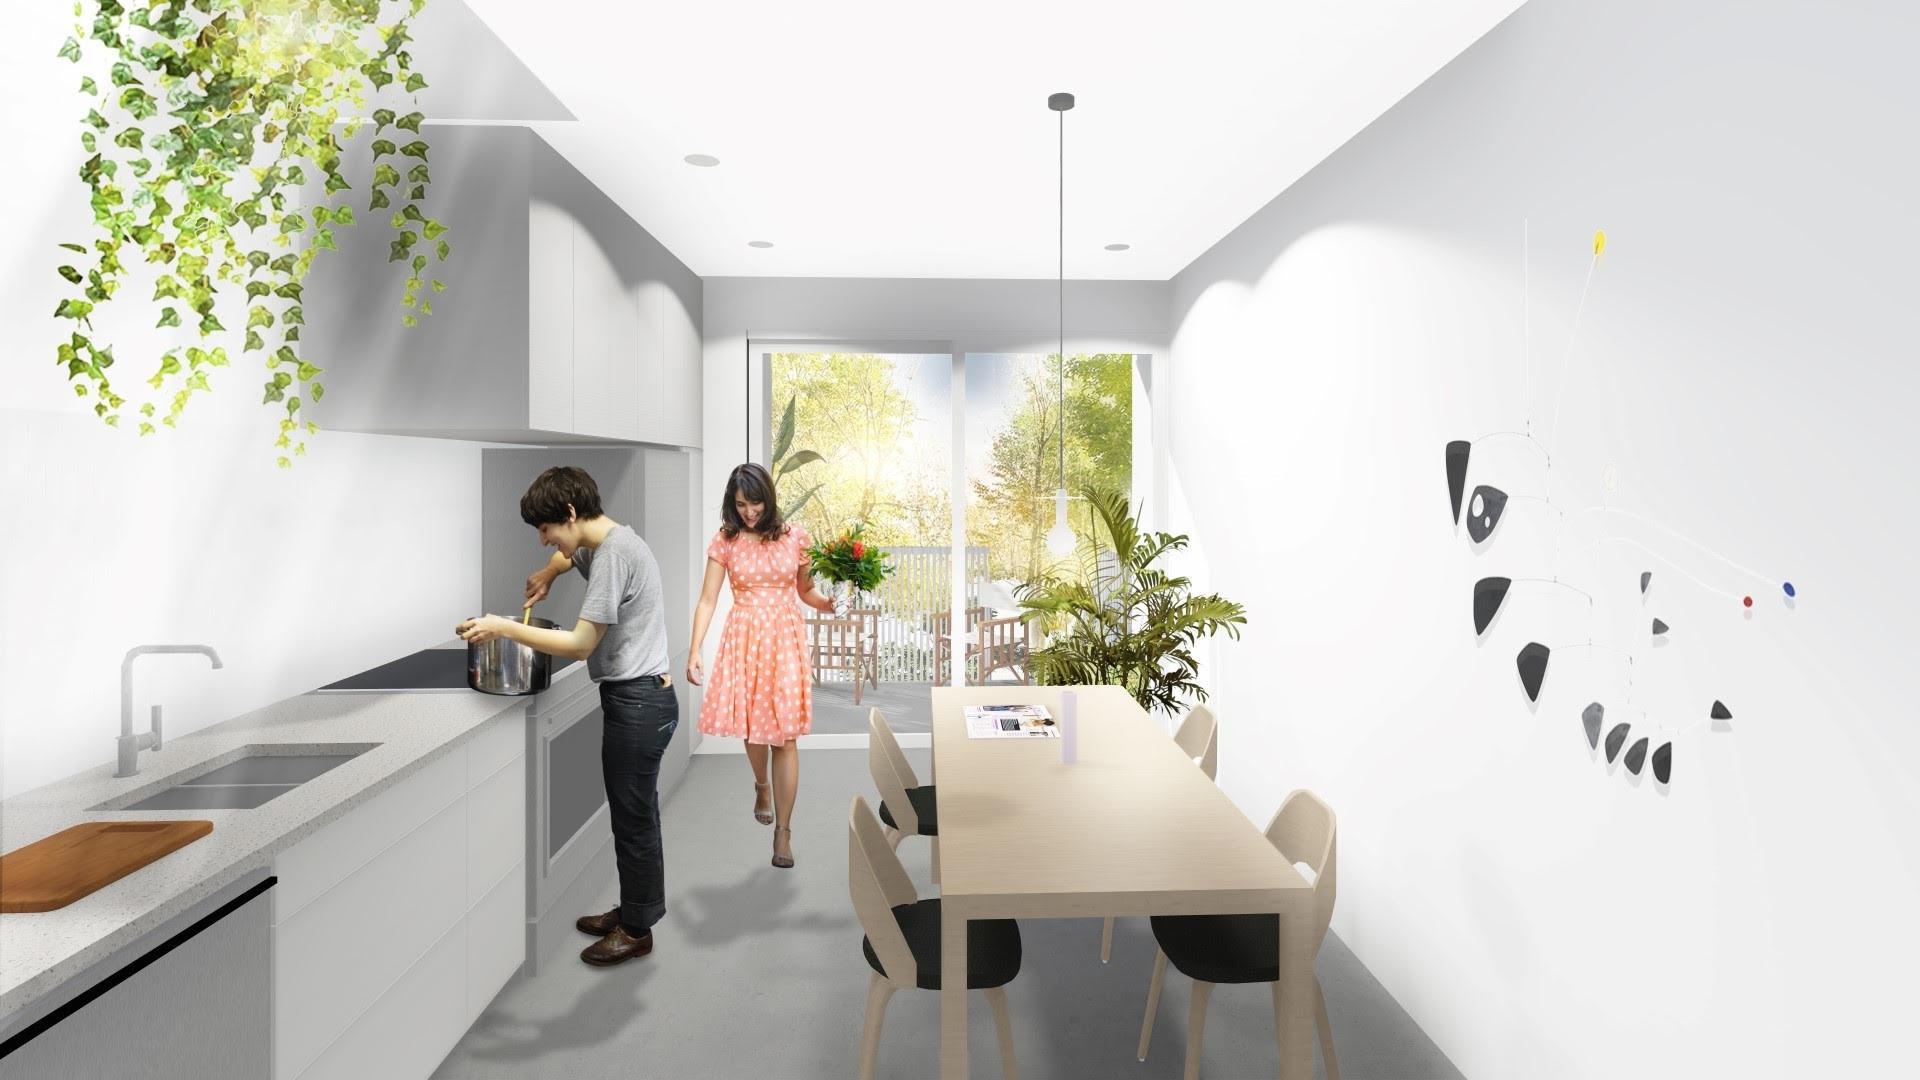 MEZZANINE B - 890 pi2- 2 chambres- 1 Salle de bain- Plan sur 2 étages- Toit-terrasse privé- Puit de lumière- Rangement à vélo extérieur